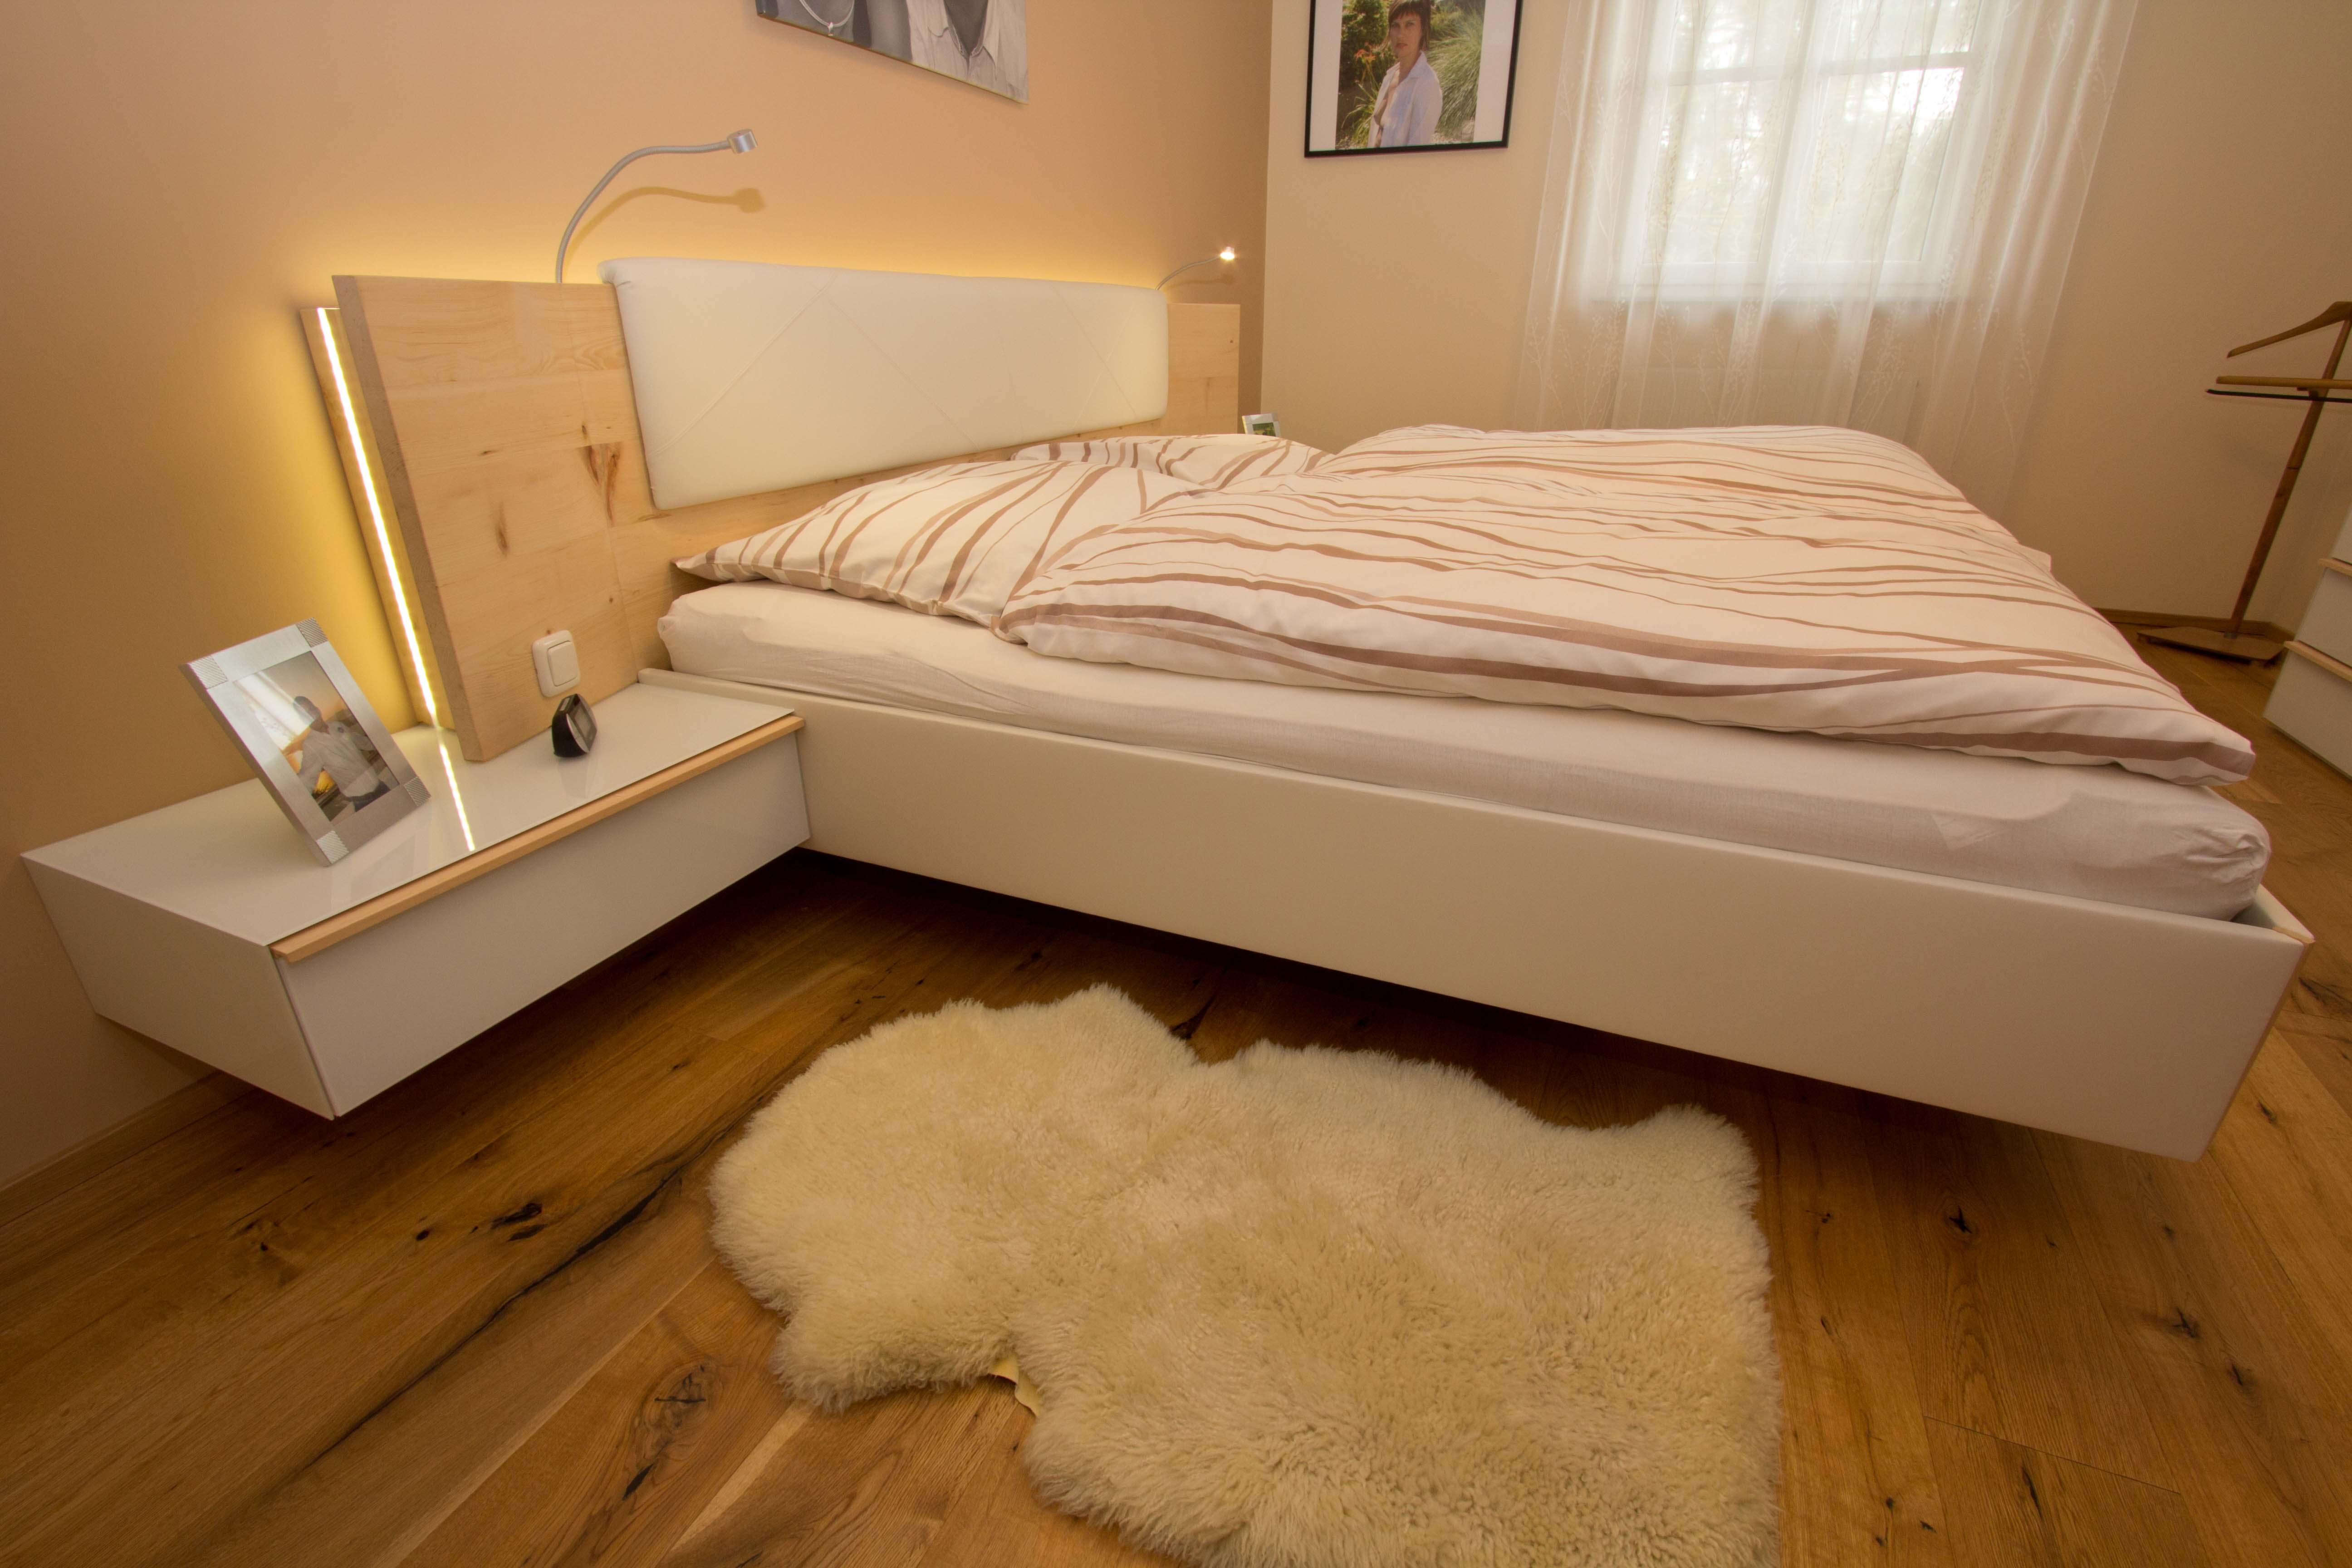 Stunning Schlafzimmer Aus Zirbenholz Gallery - Home Design Ideas ...